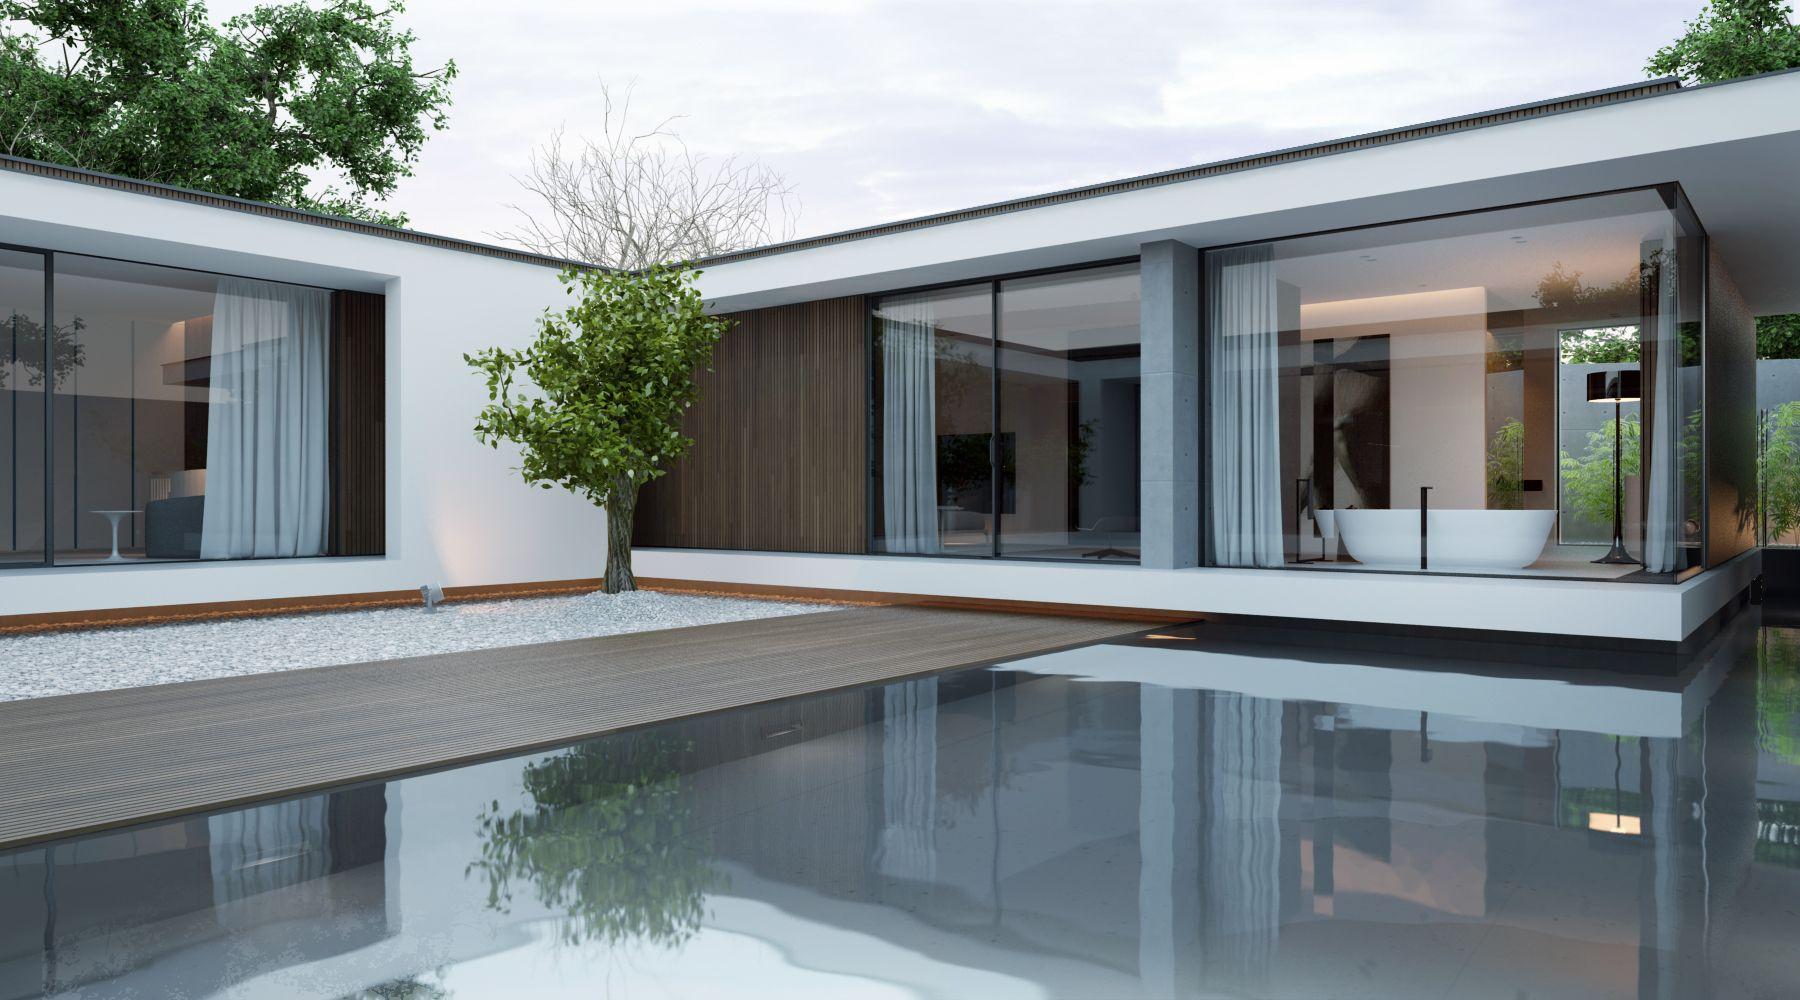 Kleines haus außendesign piano house mooie combinatie oversteken glaswerk en hout tevens